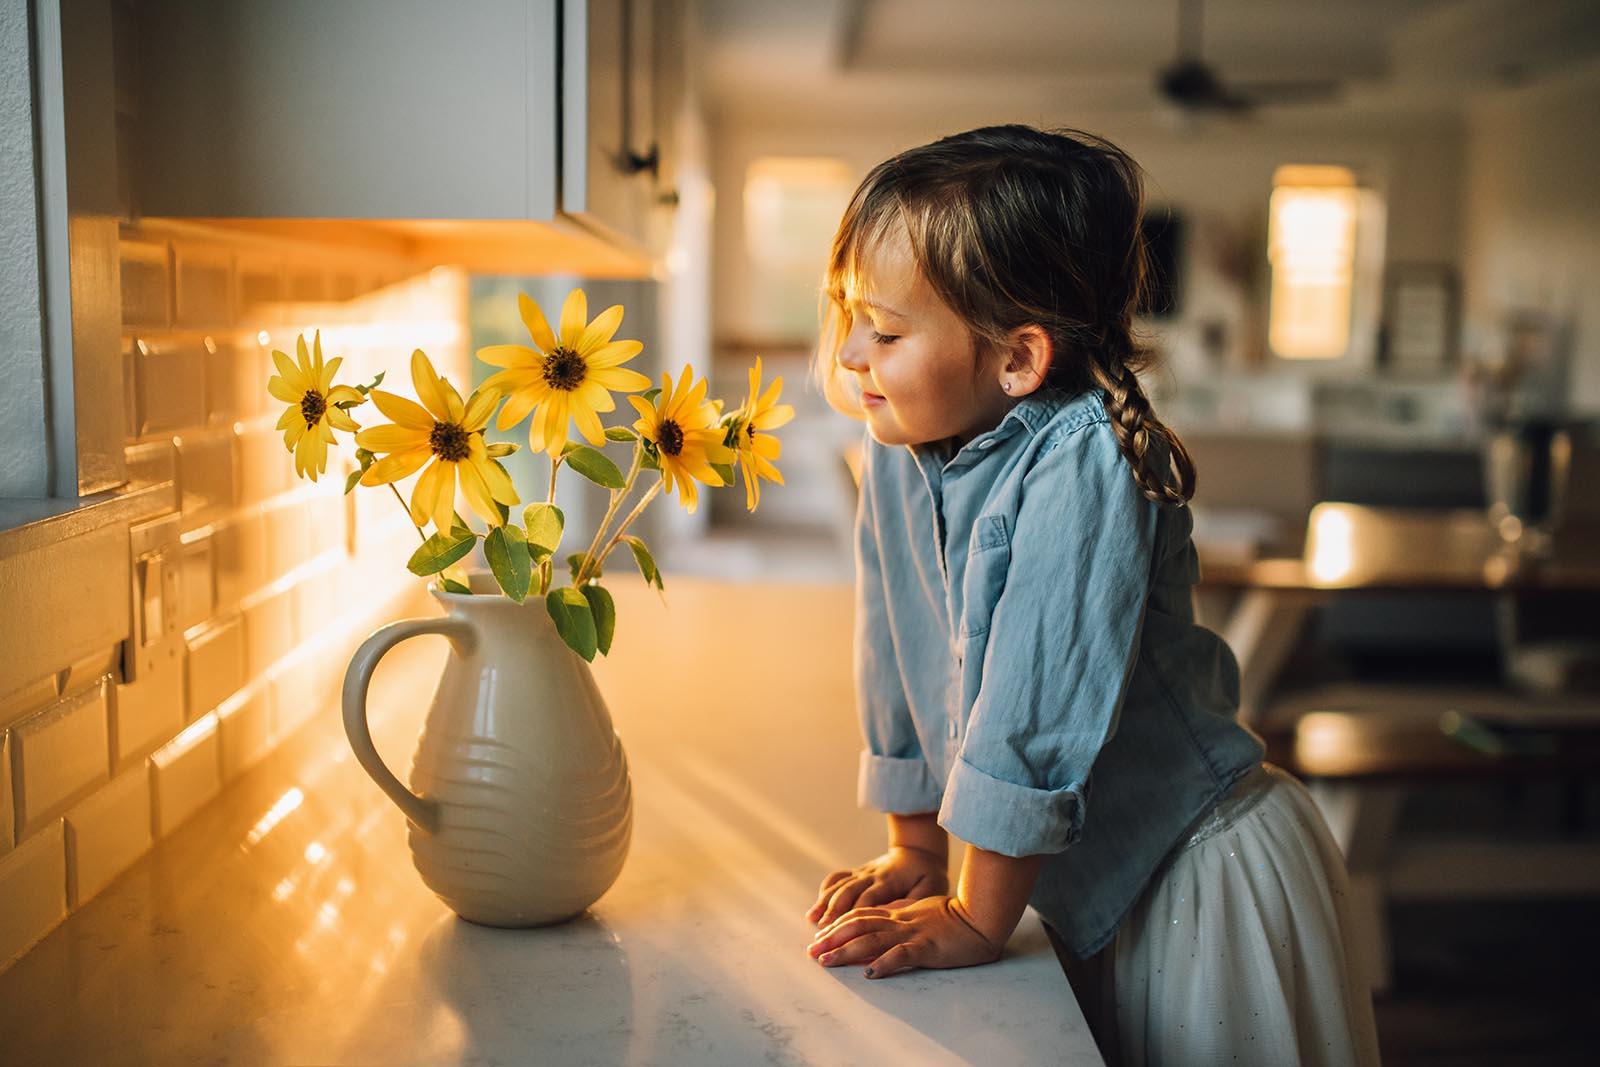 Girl in golden window light smells flowers